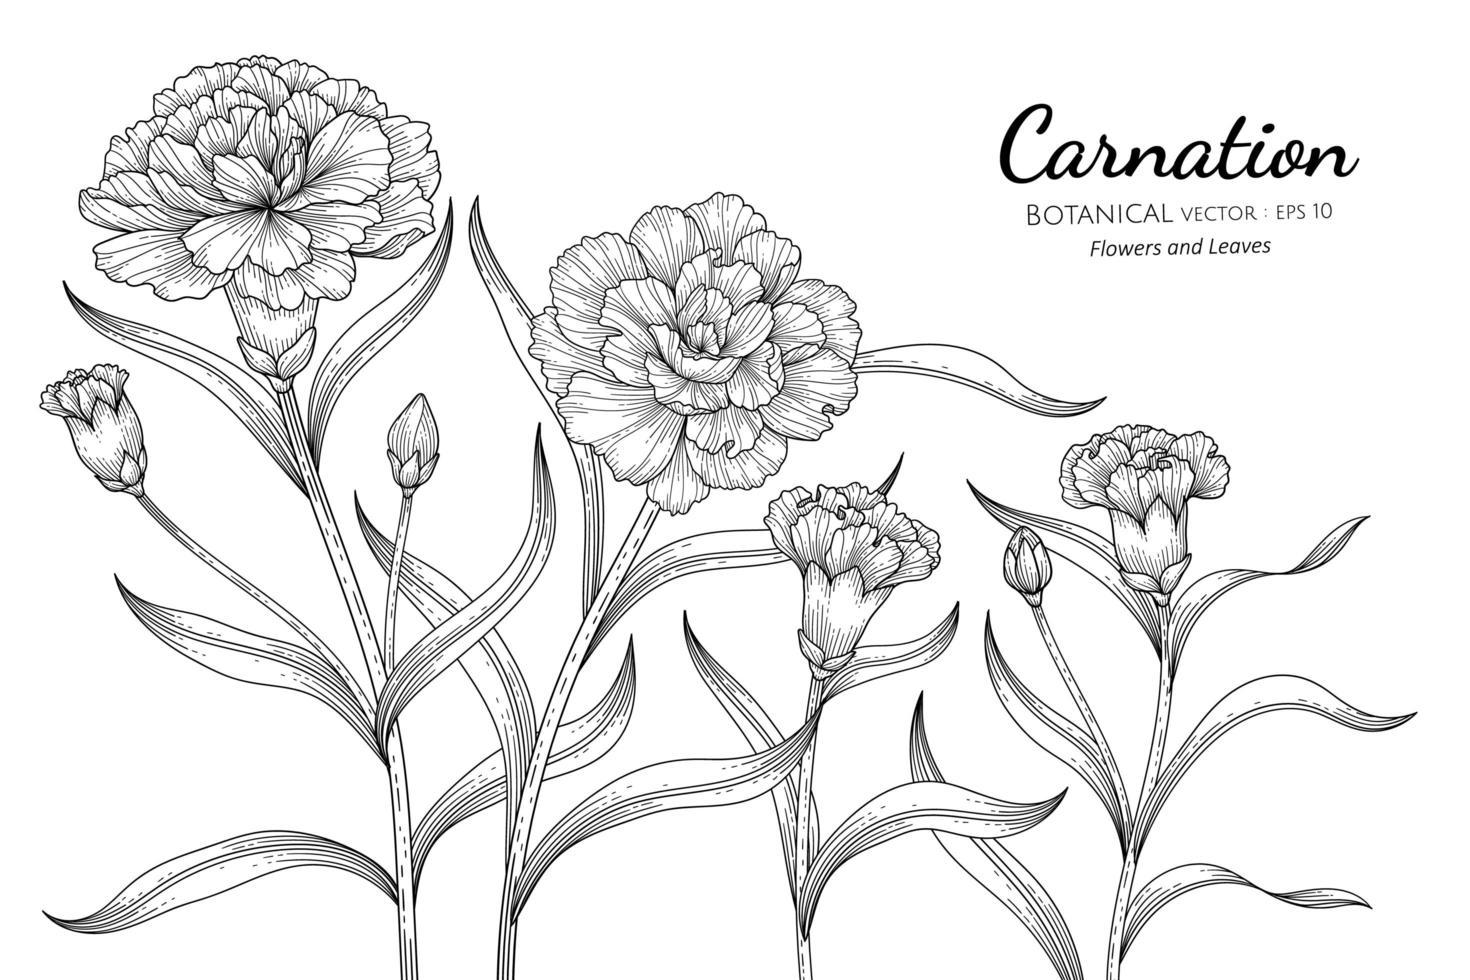 fleur et feuilles d'oeillet dessinés à la main vecteur